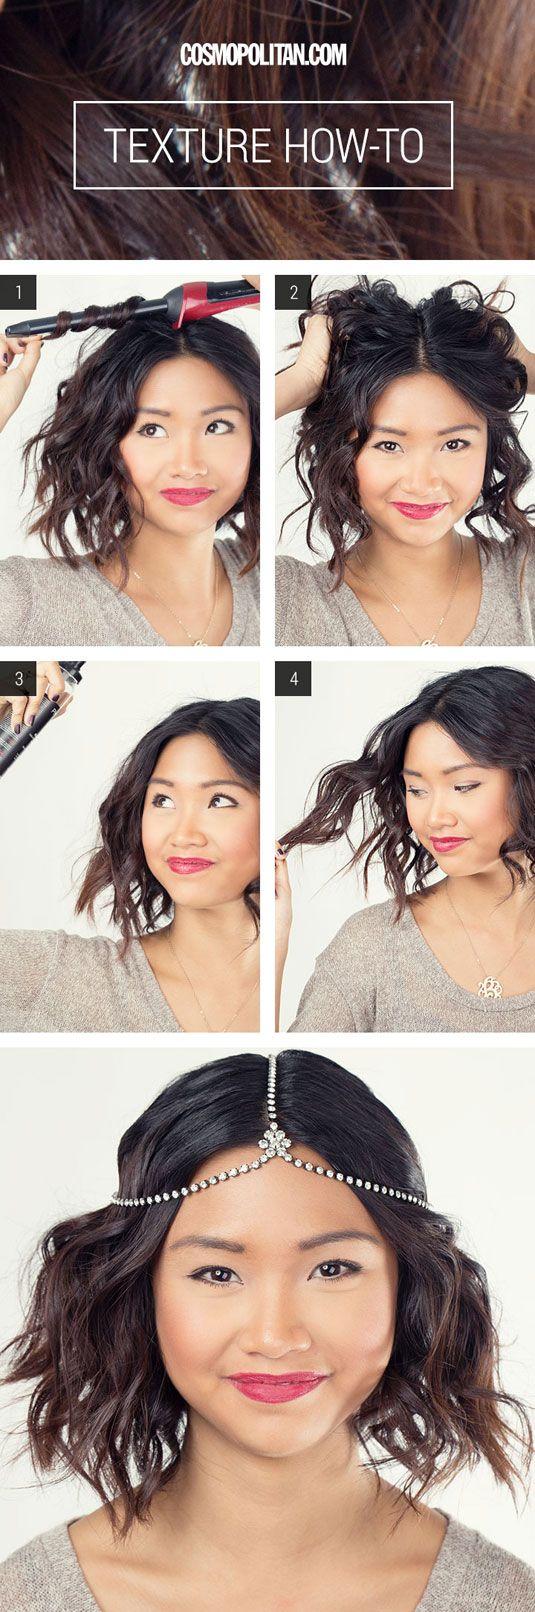 Short hairstyle hair hacks tricks for styling short hair